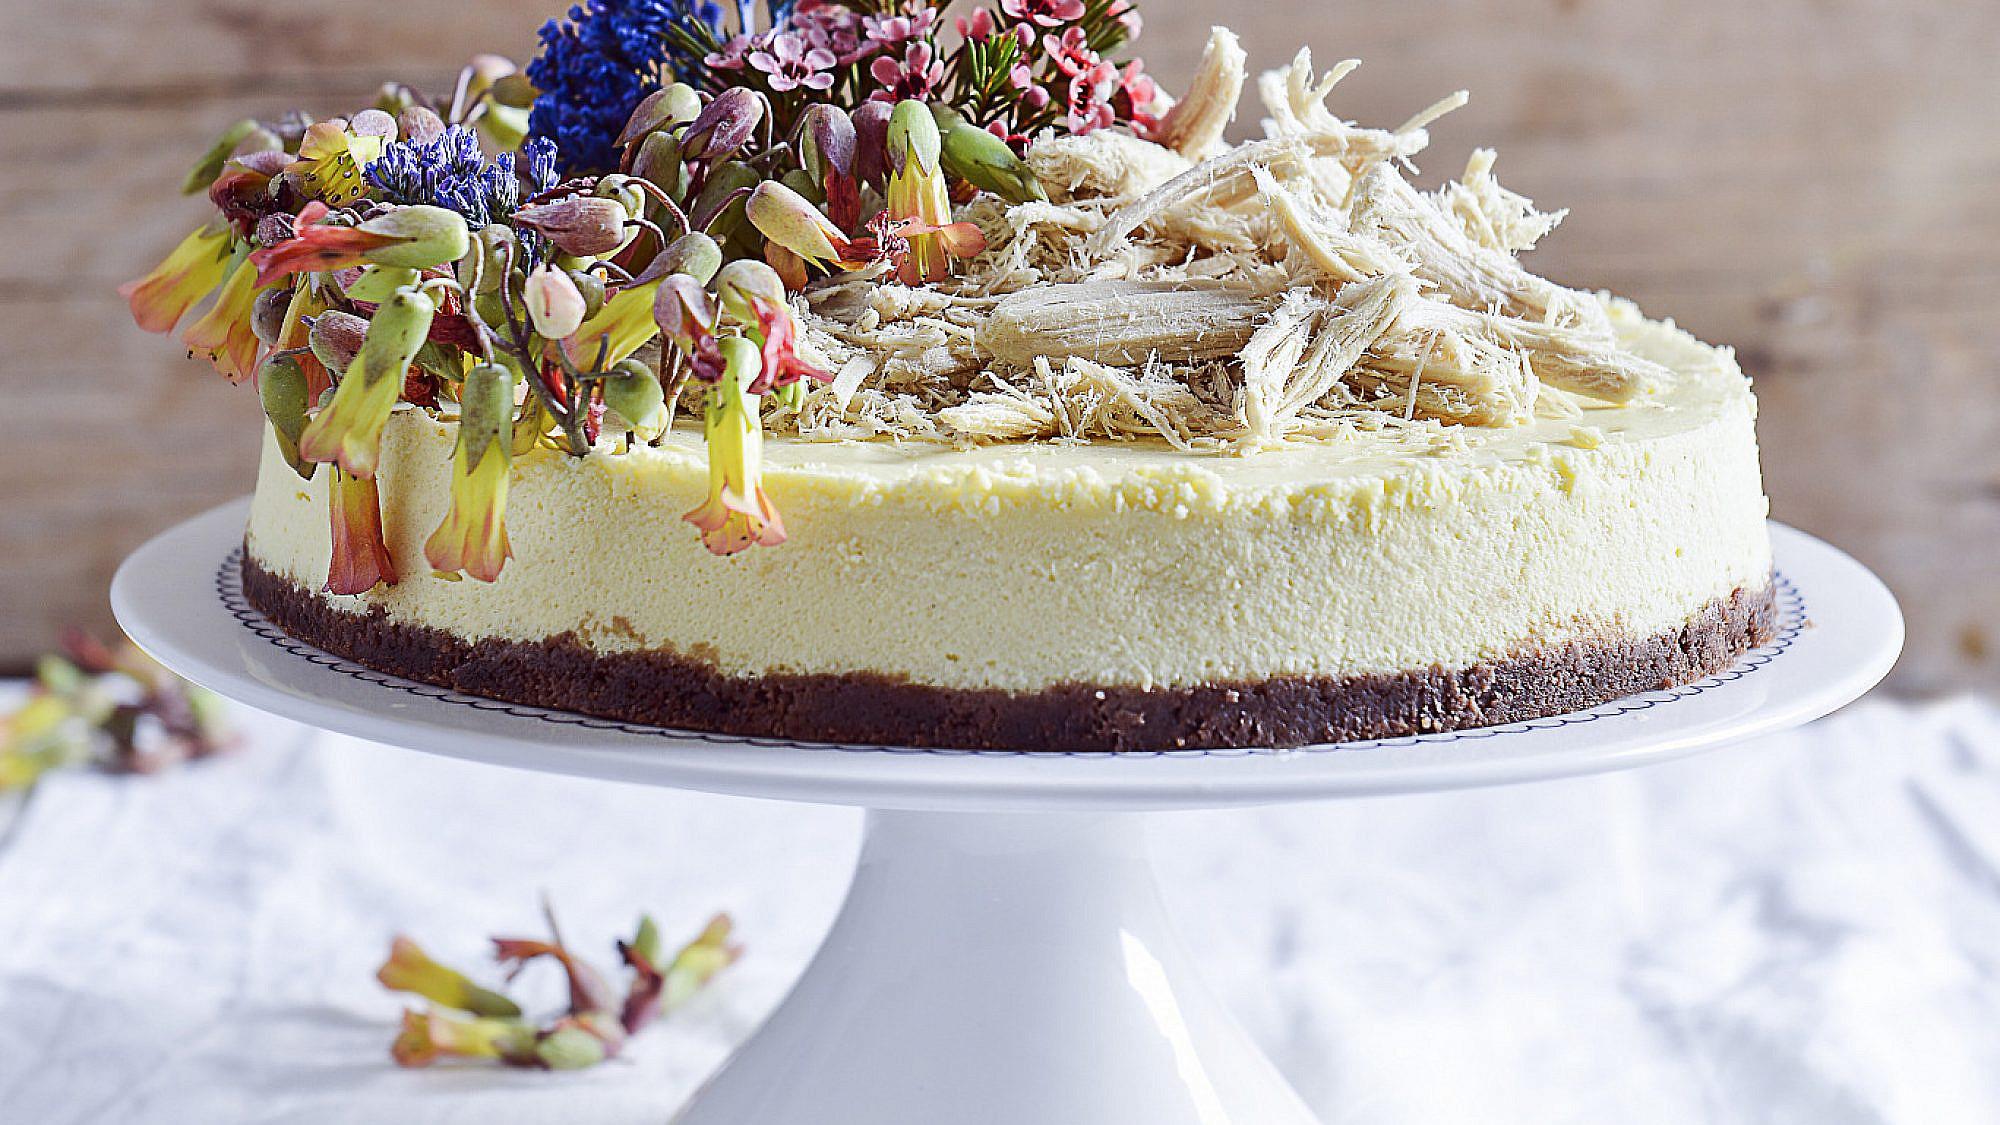 עוגת גבינה קרמלית עם כתר חלבה של רות אוליבר | צילום: בן יוסטר | סגנון: טליה גון אסיף